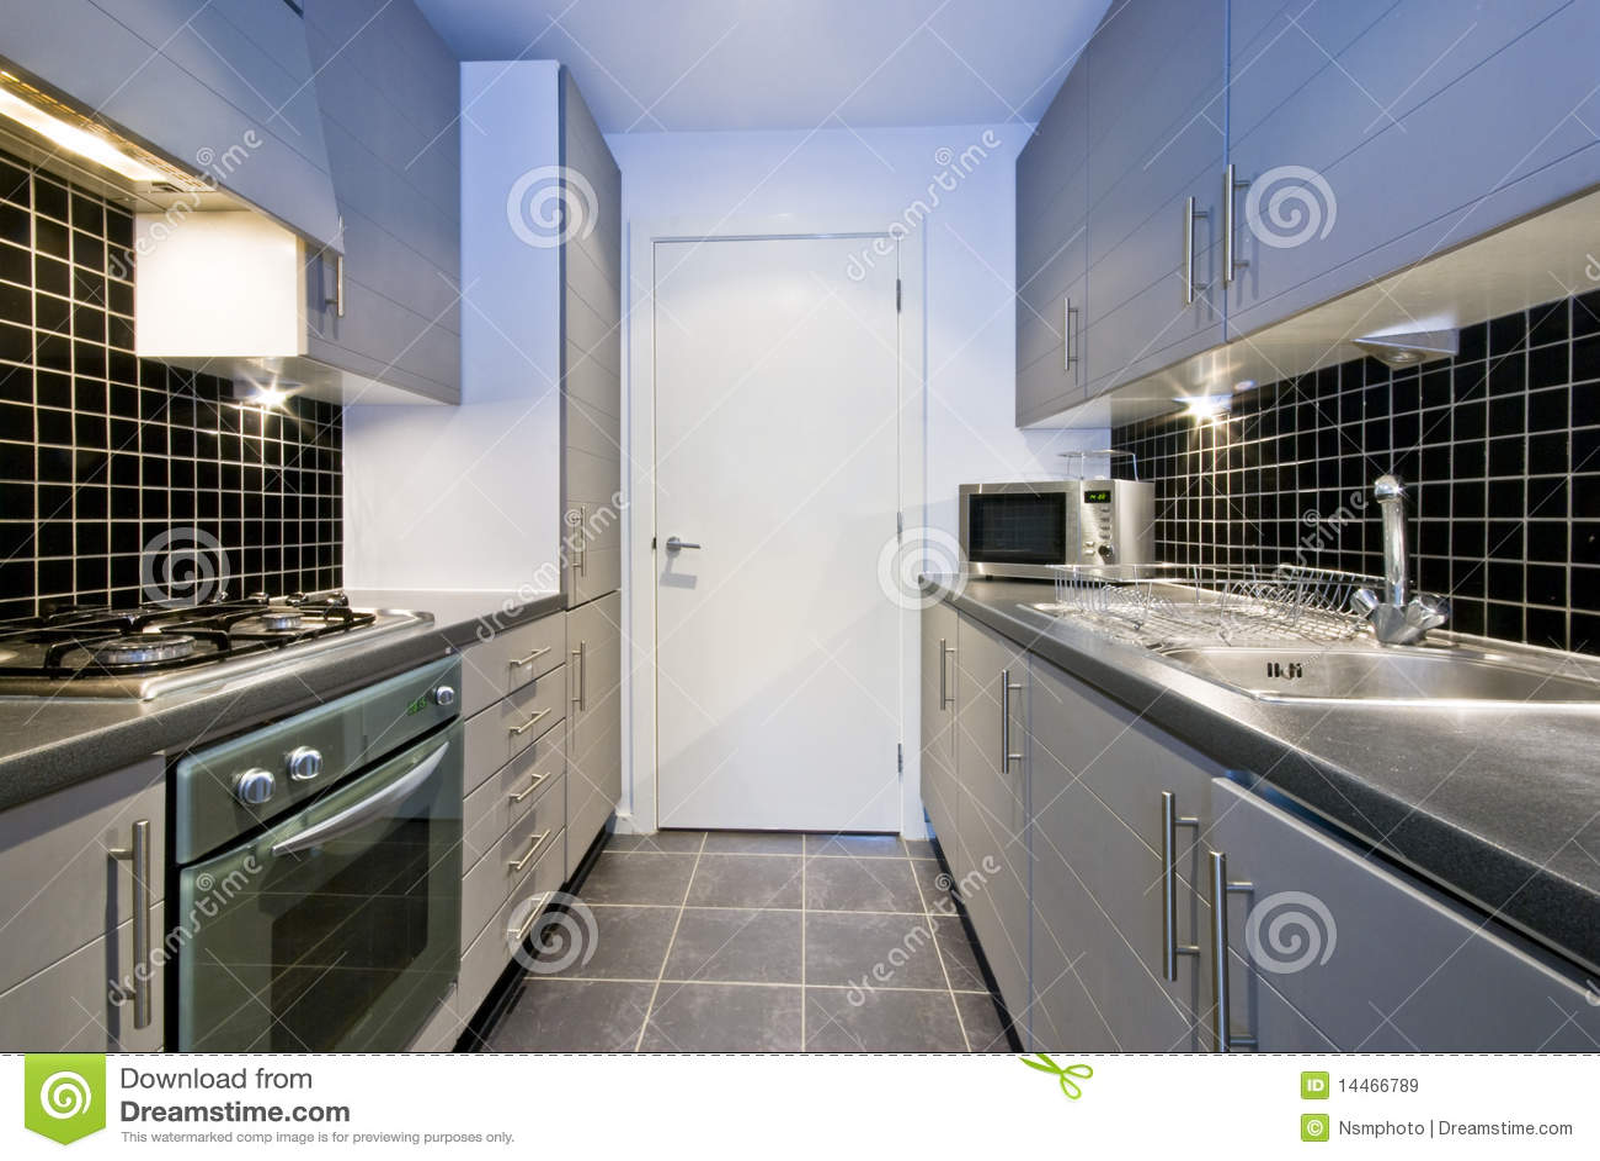 Cocina De Plata Moderna Con Los Azulejos Negros Imagen de